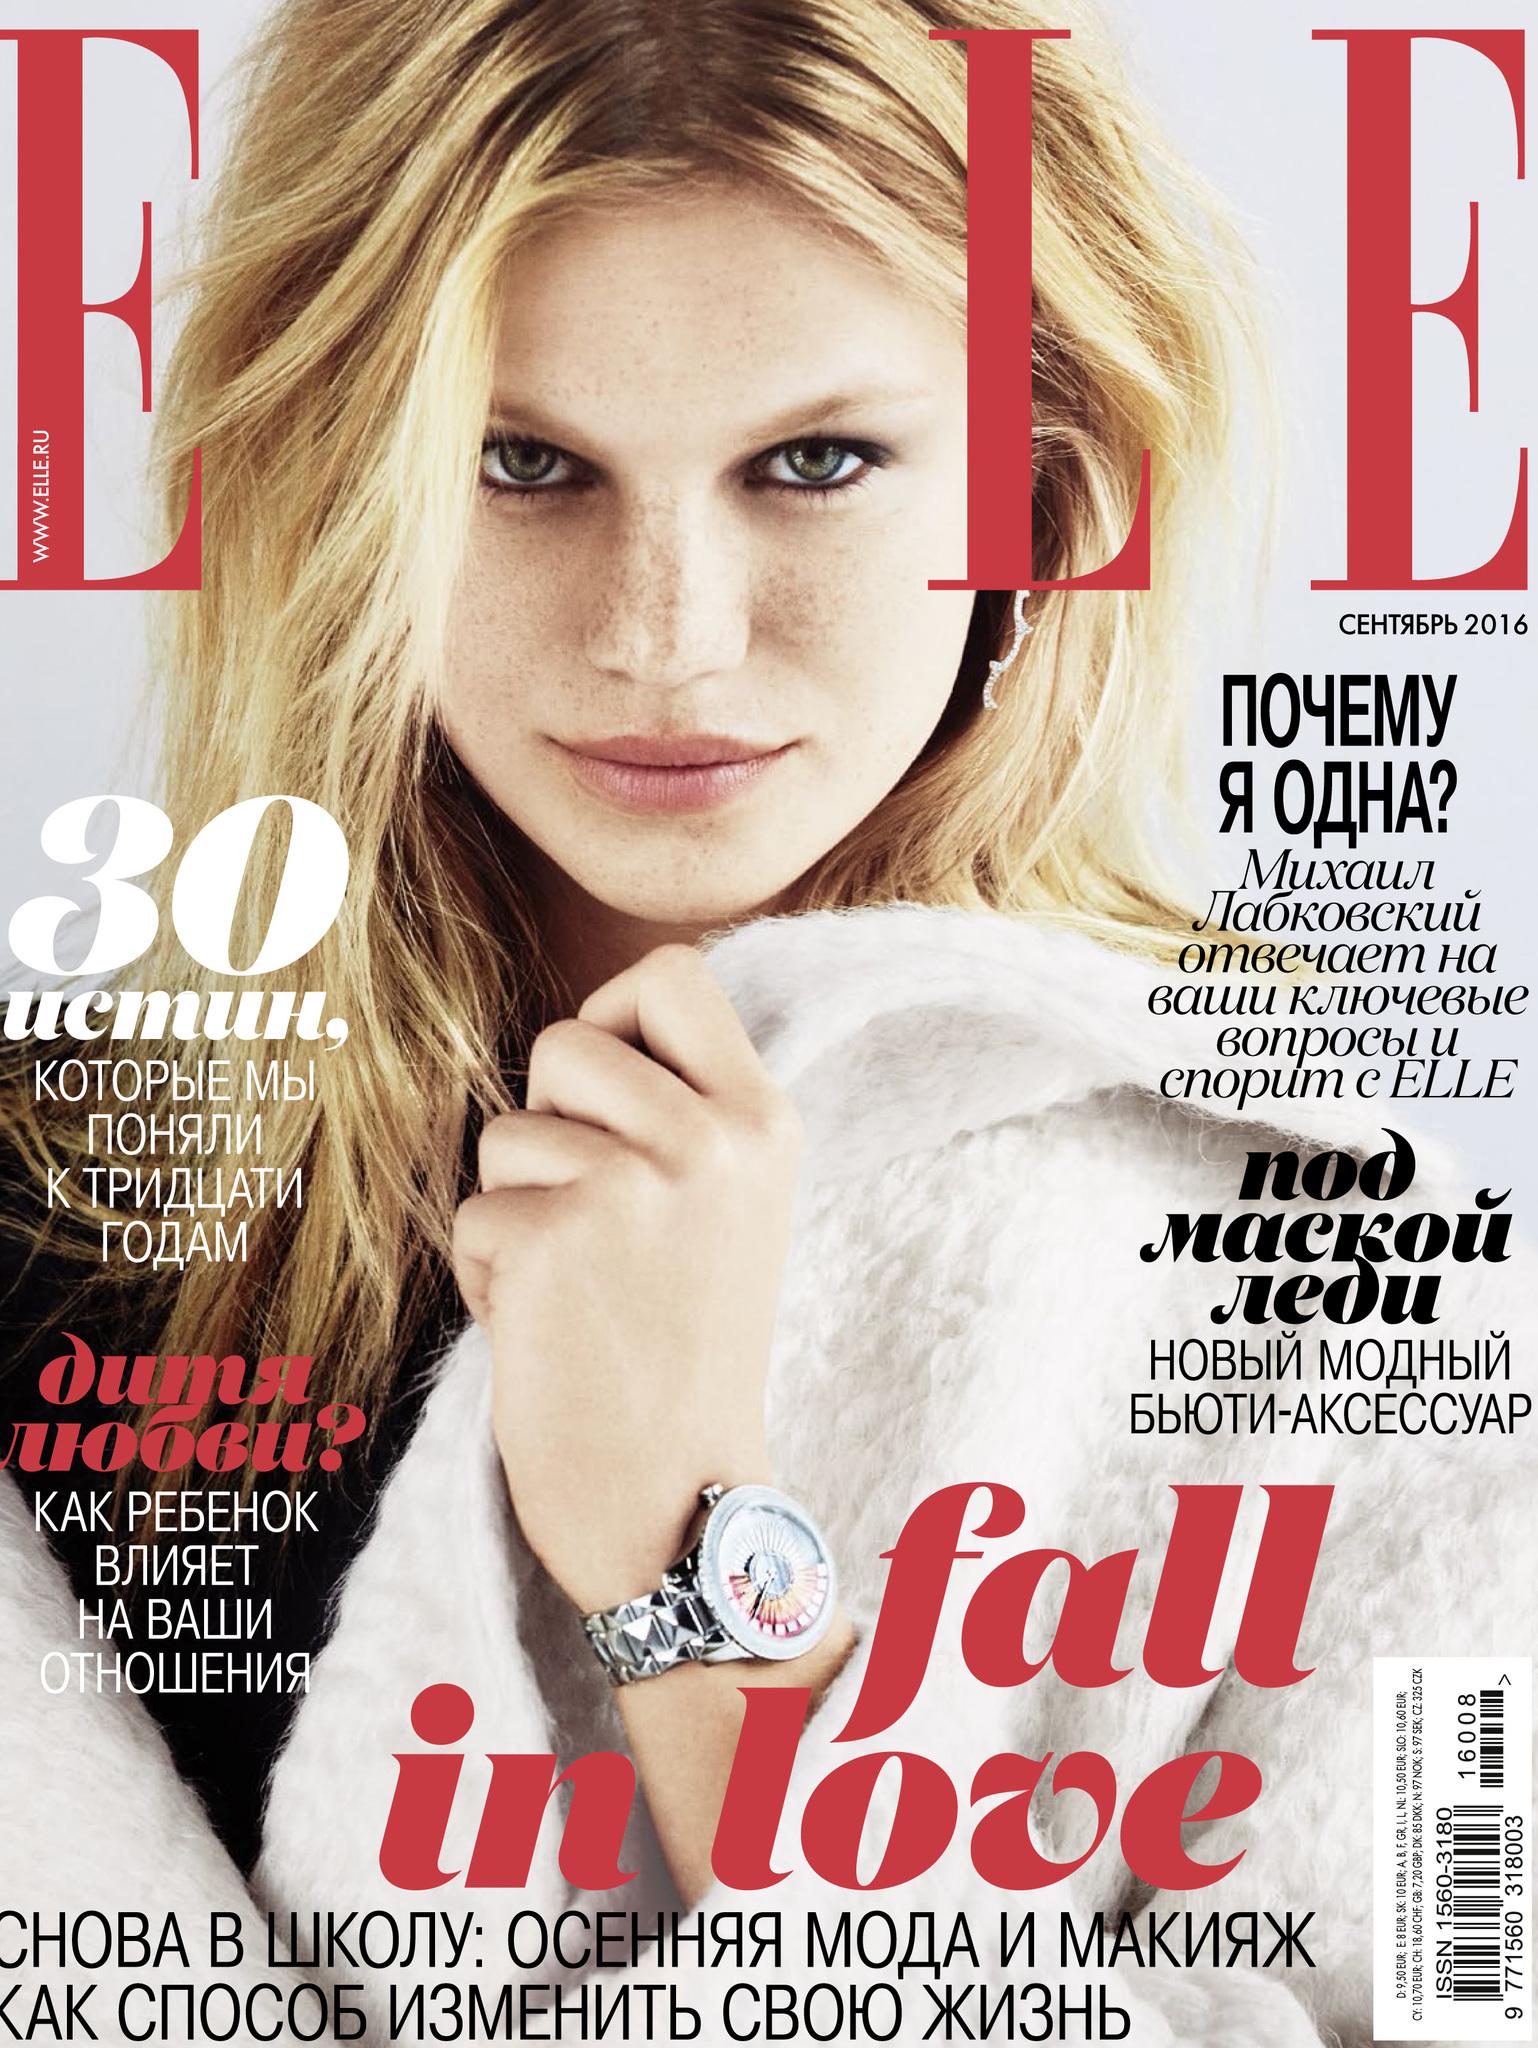 Украшения французского бренда Chic Alors Paris в сентябрьской съемке Elle Russia